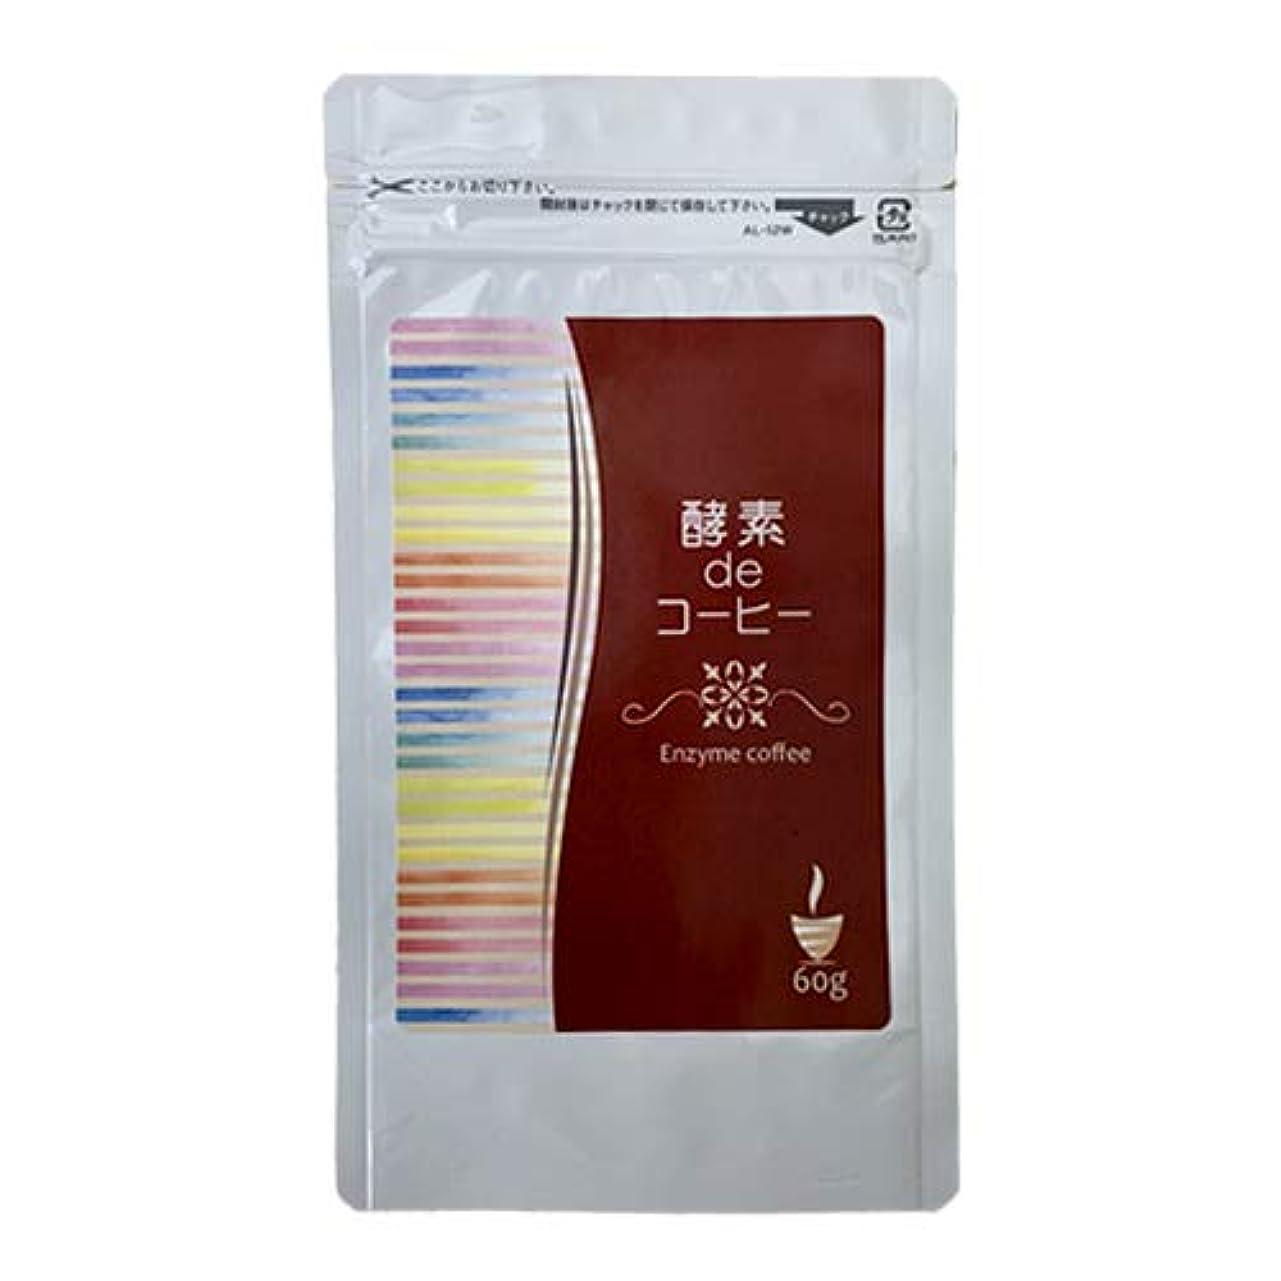 プラットフォーム子犬前任者酵素deコーヒー